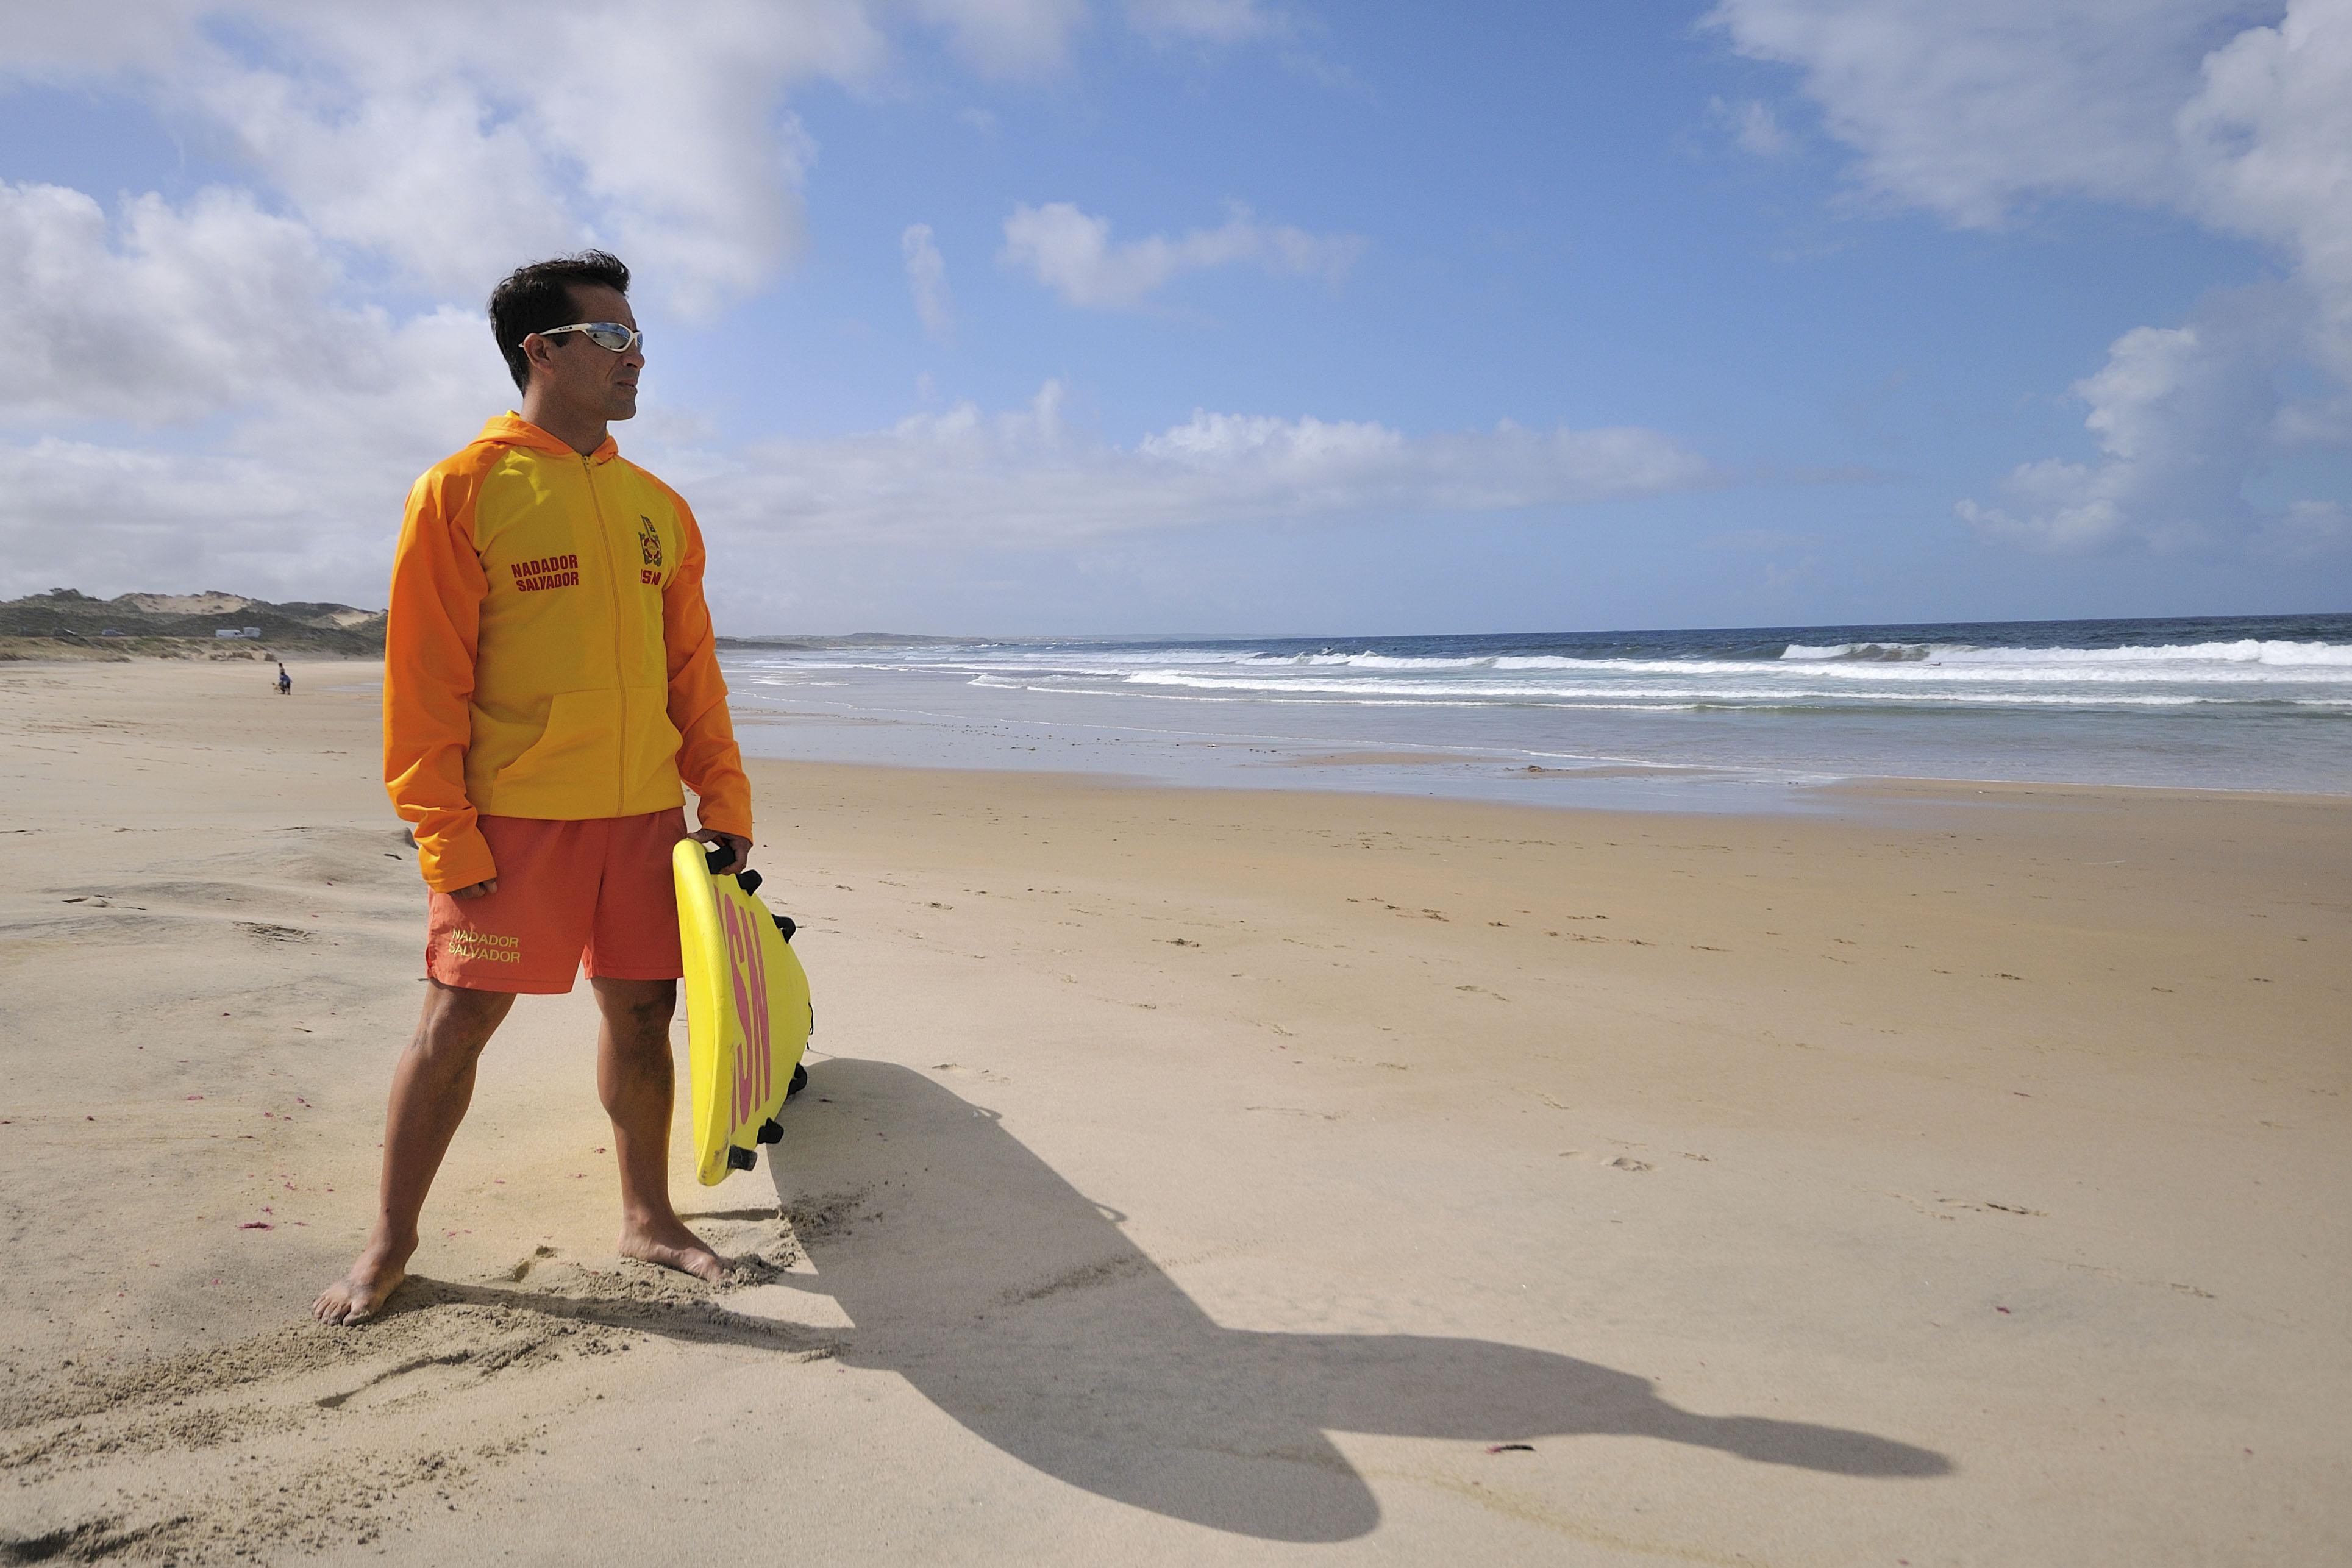 Época balnear abre com vigilância assegurada nas praias da costa alentejana